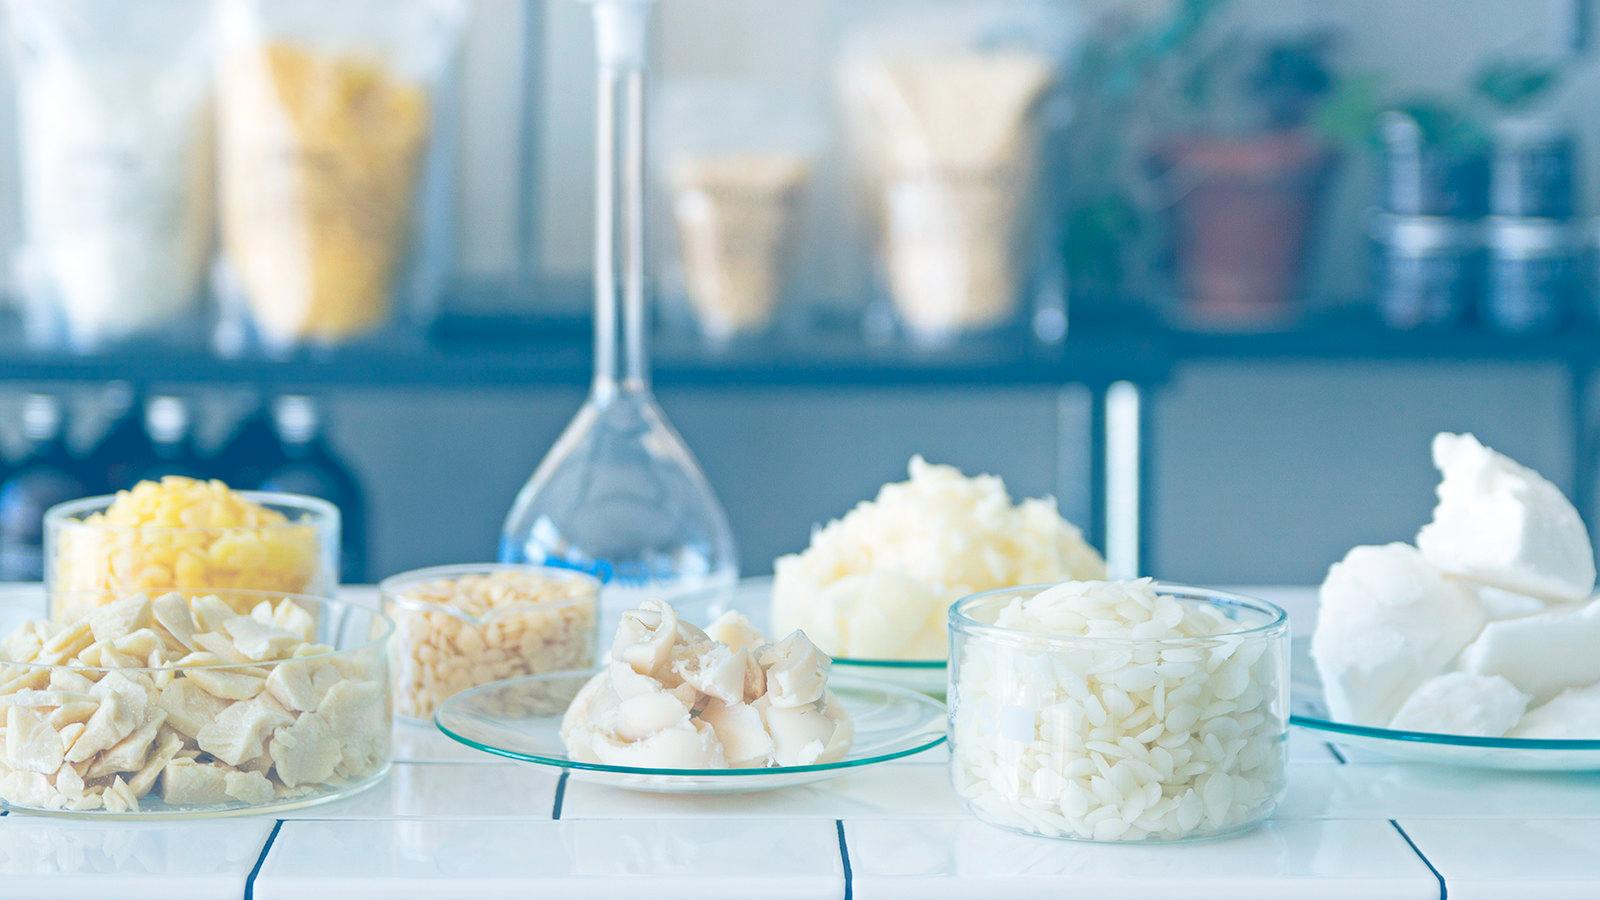 Hitta råvaror & ingredienser till dina egentillverkade hudvårdsprodukter